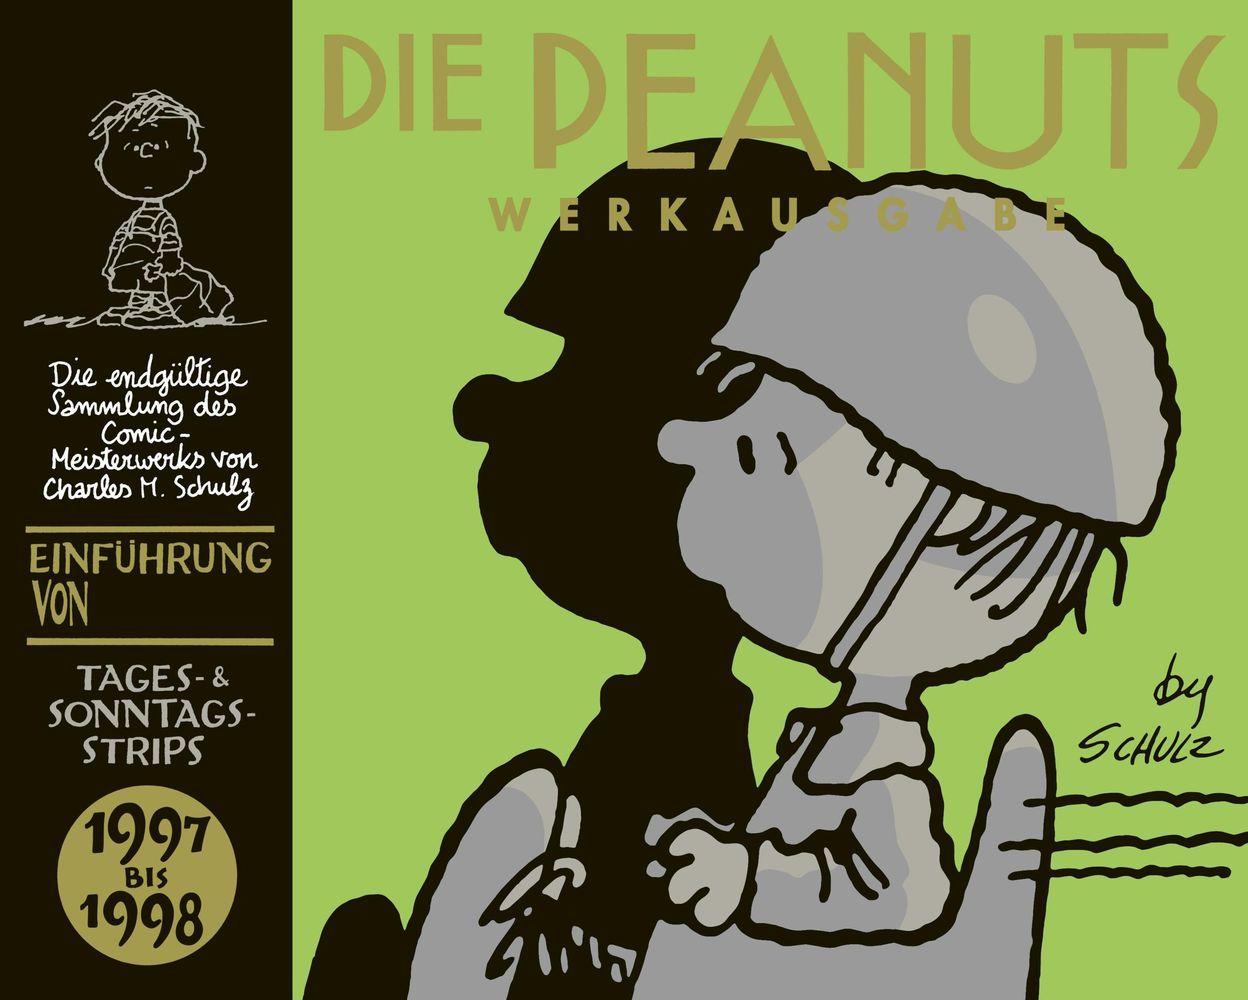 Peanuts Werkausgabe 24: 1997-1998 als Buch